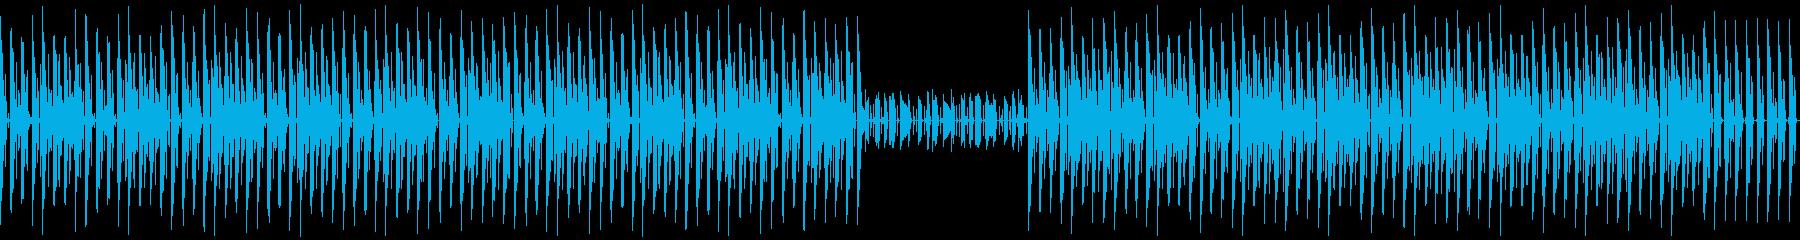 軽快なリズムでノリの良いBGM(ループ可の再生済みの波形